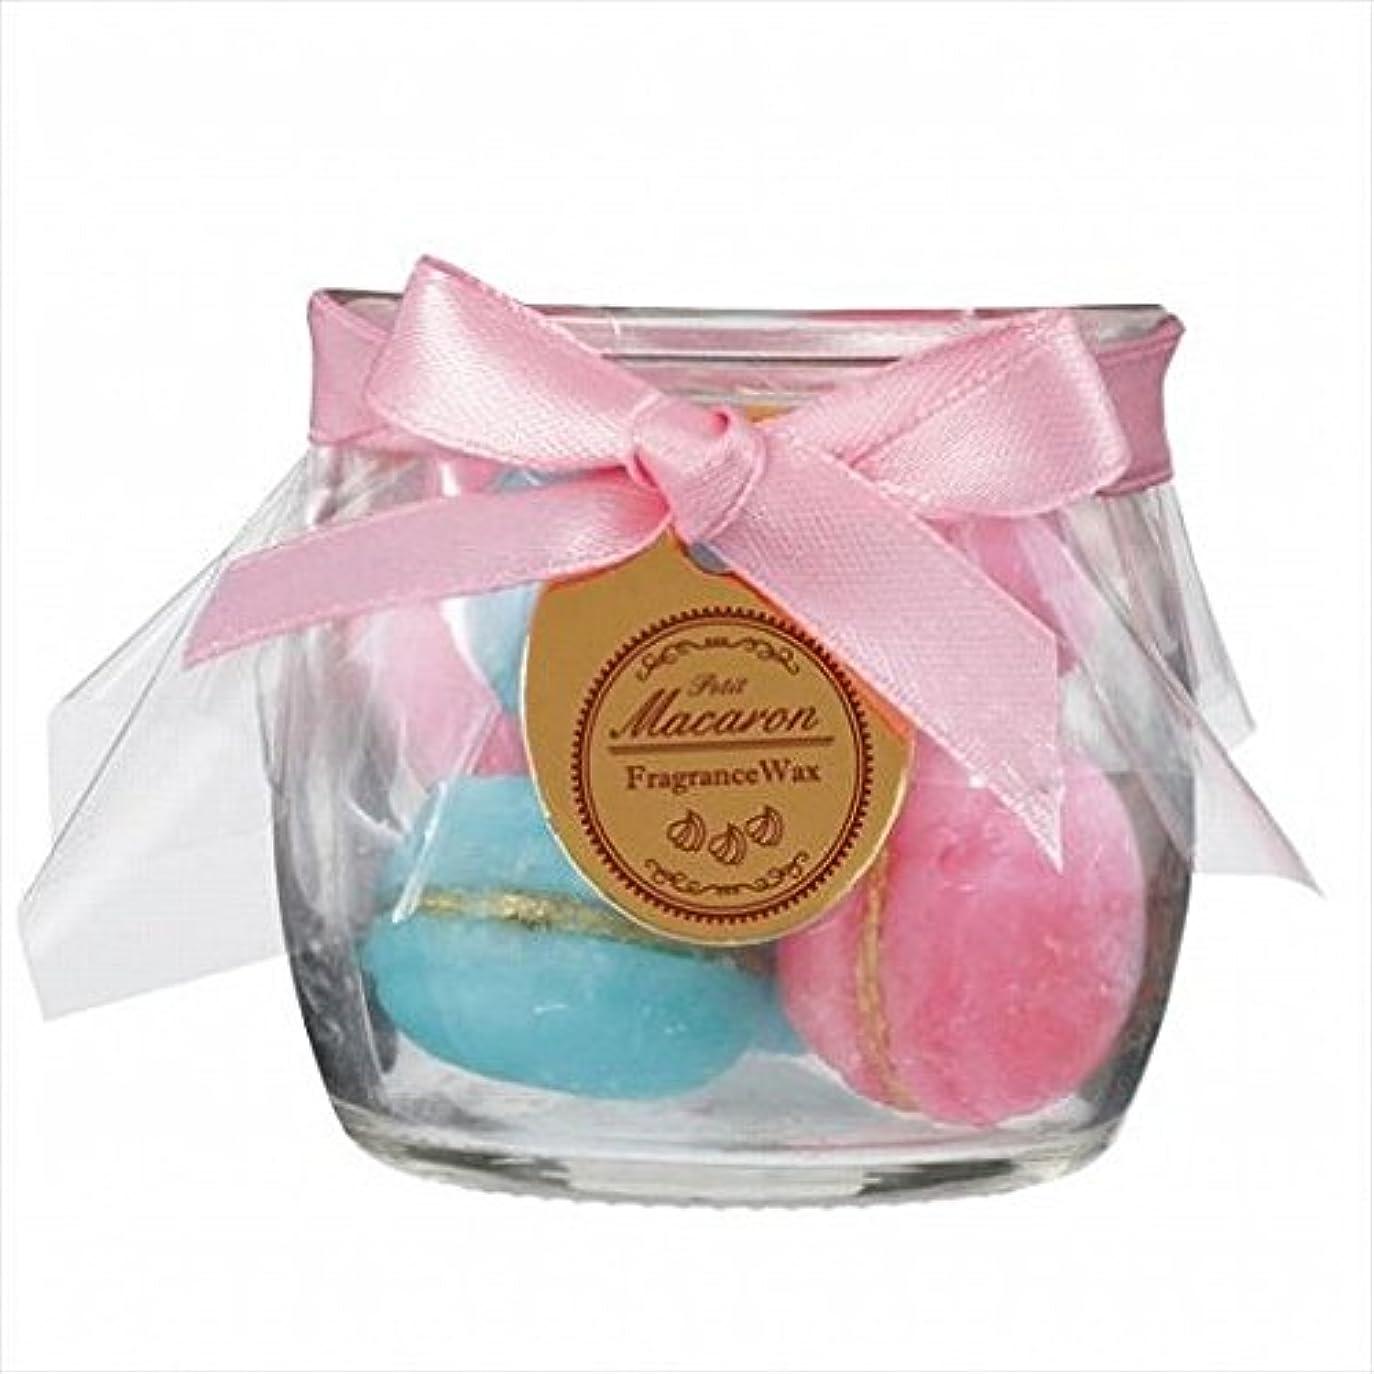 累積詳細な木製sweets candle(スイーツキャンドル) プチマカロンフレグランス 「 ピーチ 」 キャンドル 60x60x56mm (A3160540)